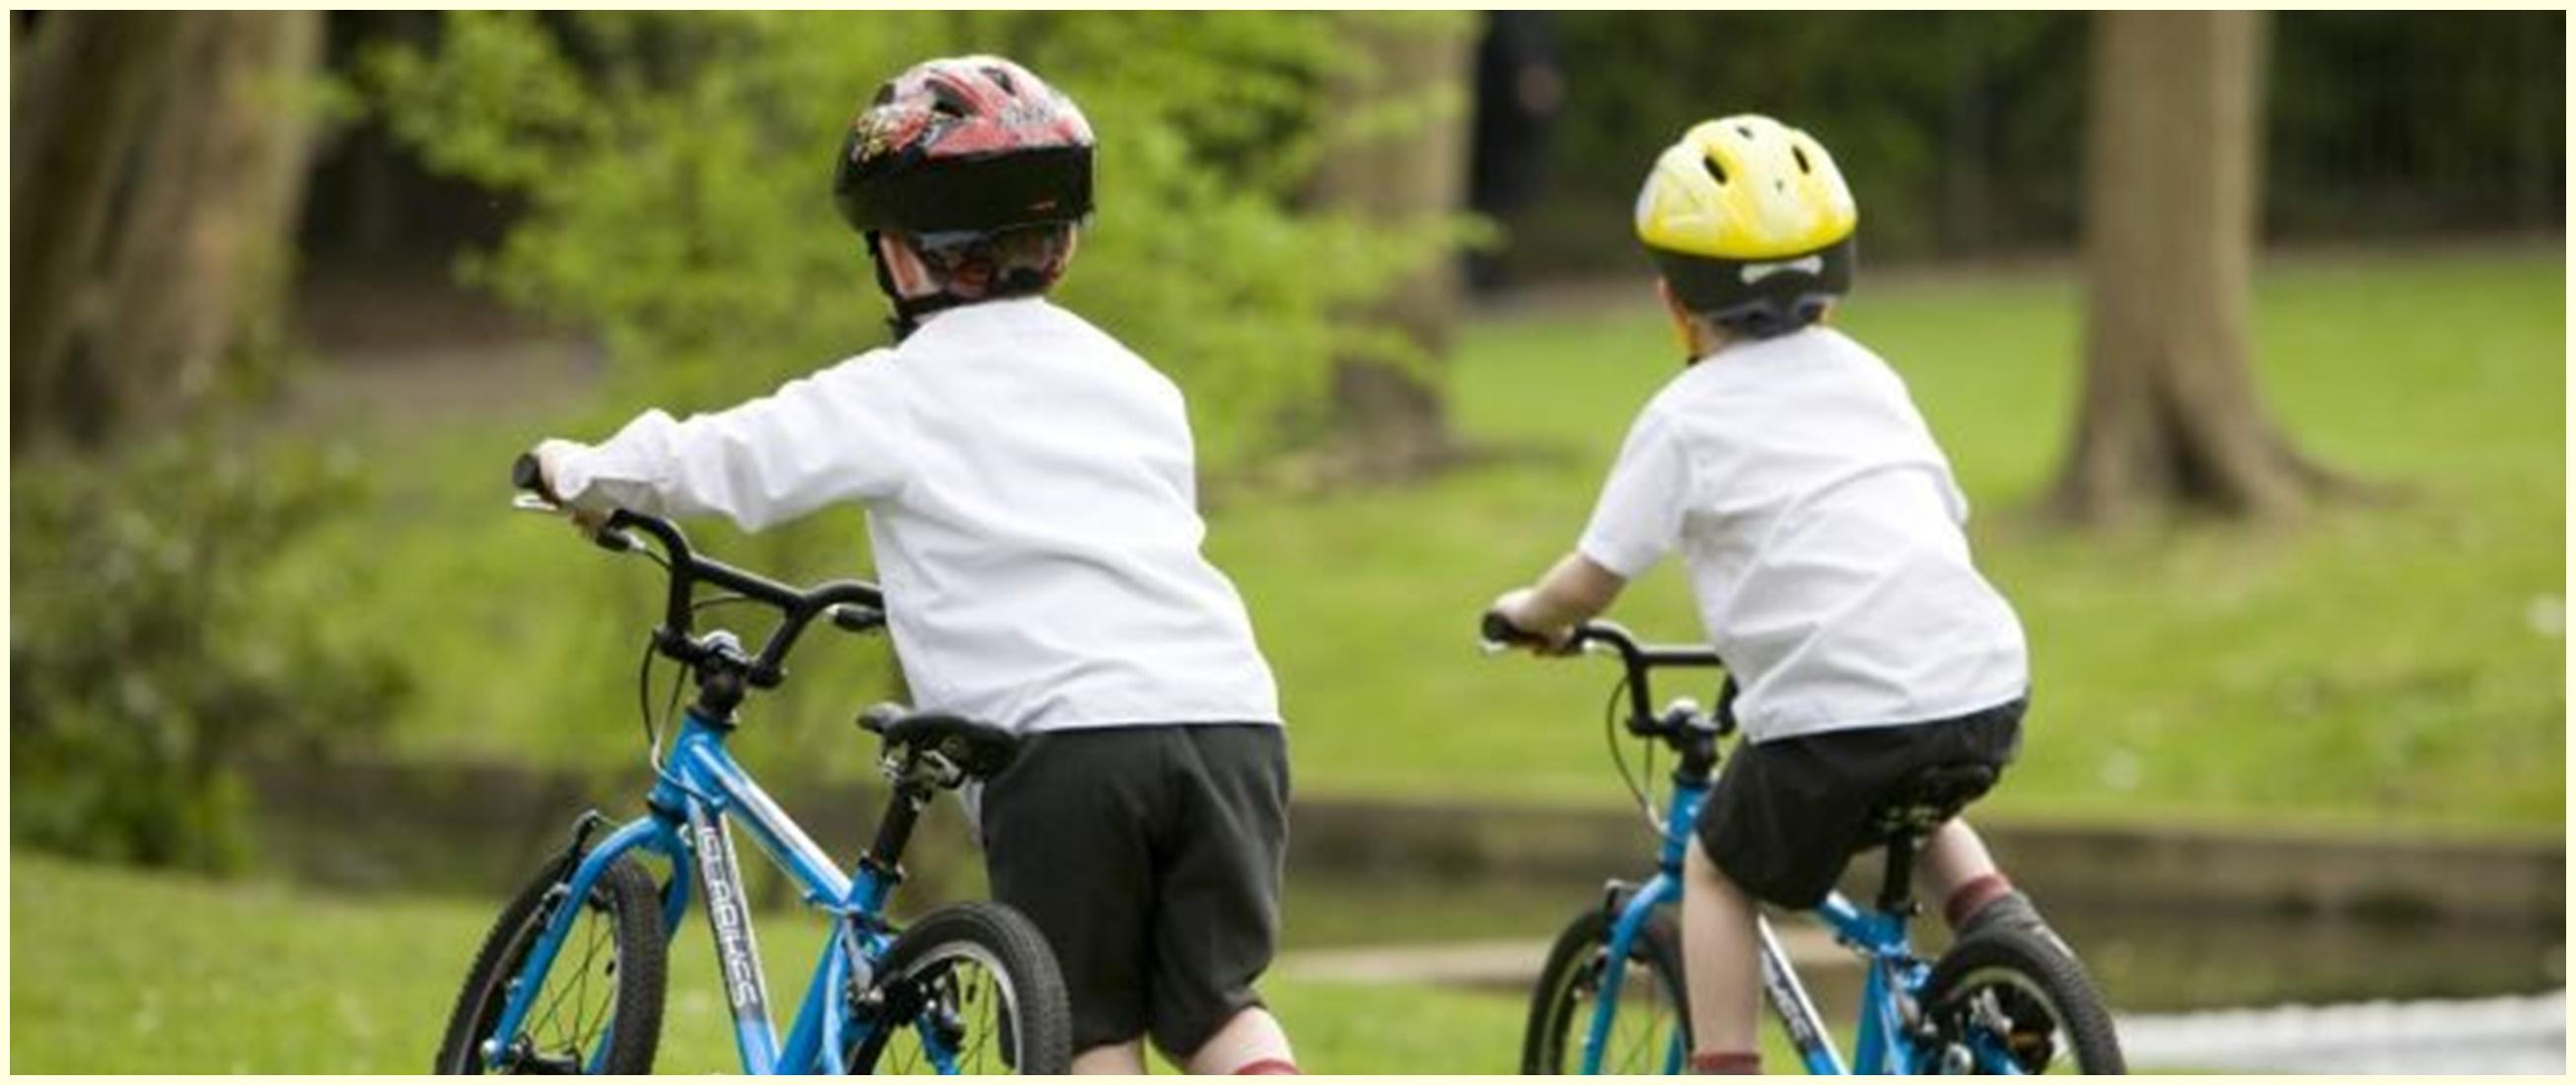 Harga sepeda anak terbaru 2020 lengkap dengan modelnya